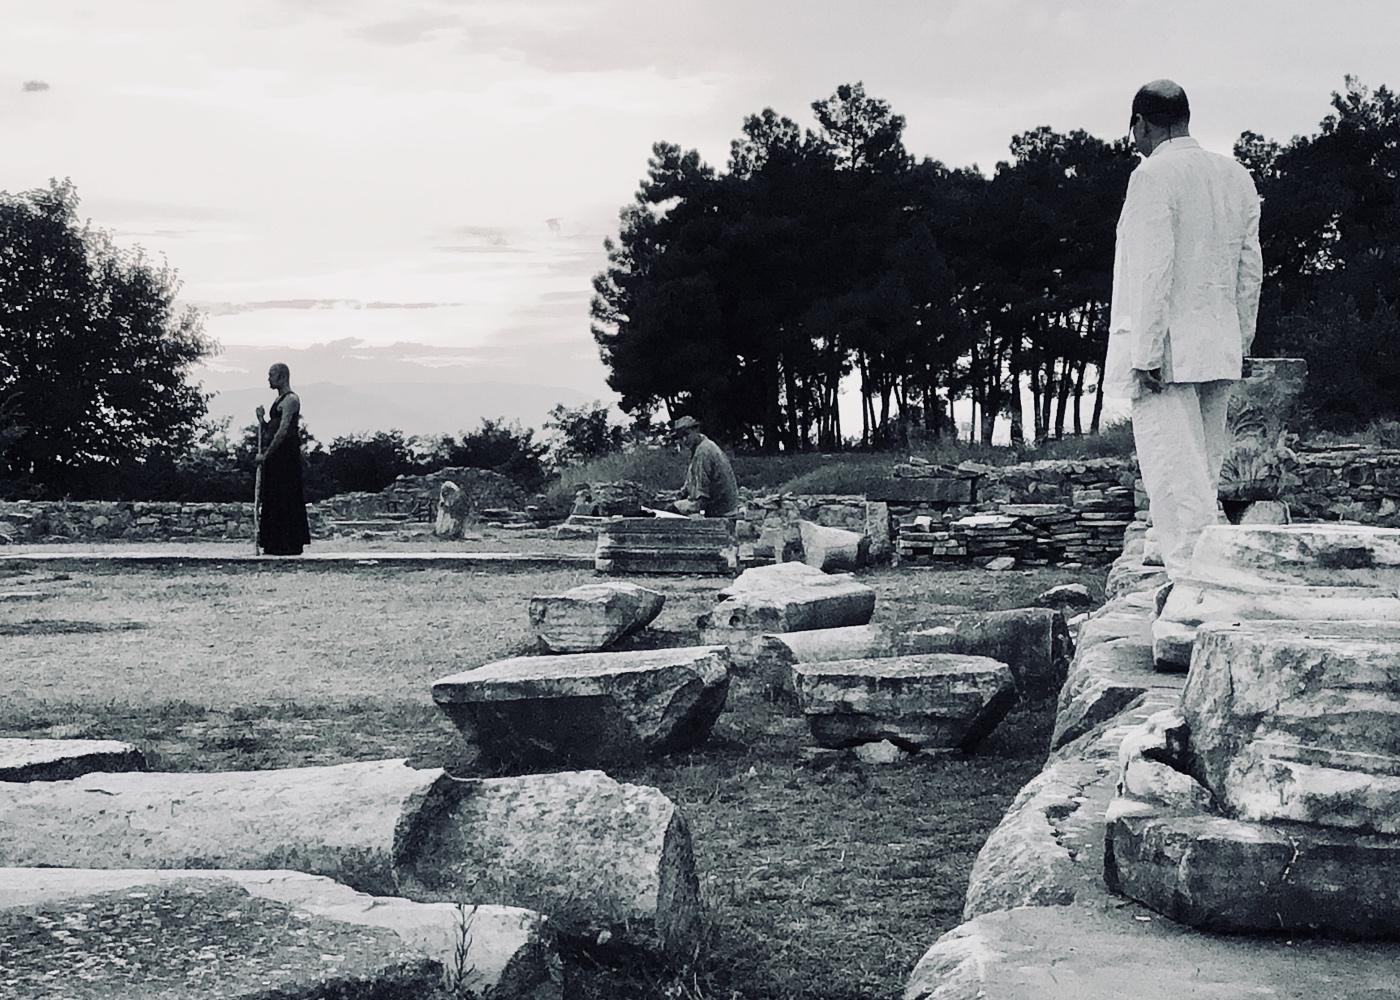 Φωτογραφία της παράστασης «Οιδίπους – Ανασκαφή δεύτερη»